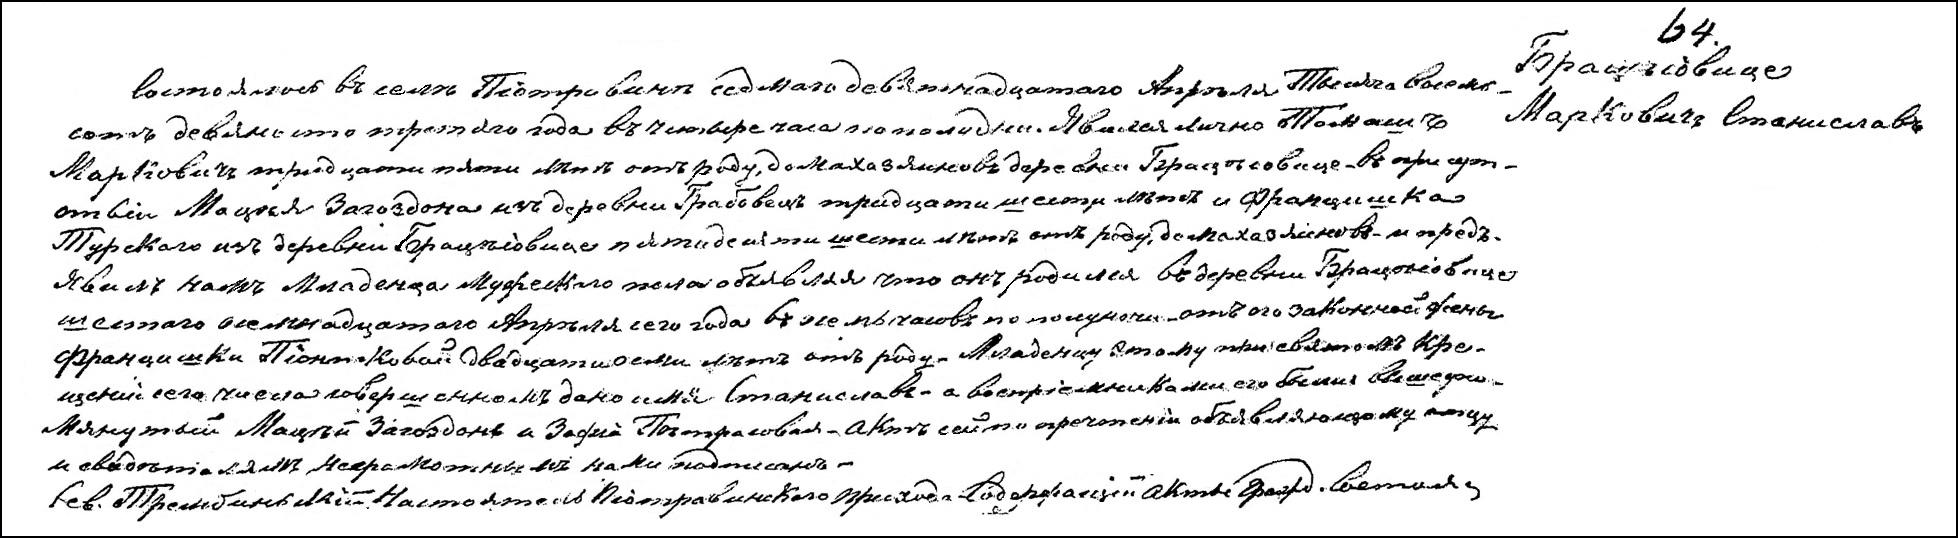 Birth and Baptismal Record for Stanisław Markiewicz - 1893